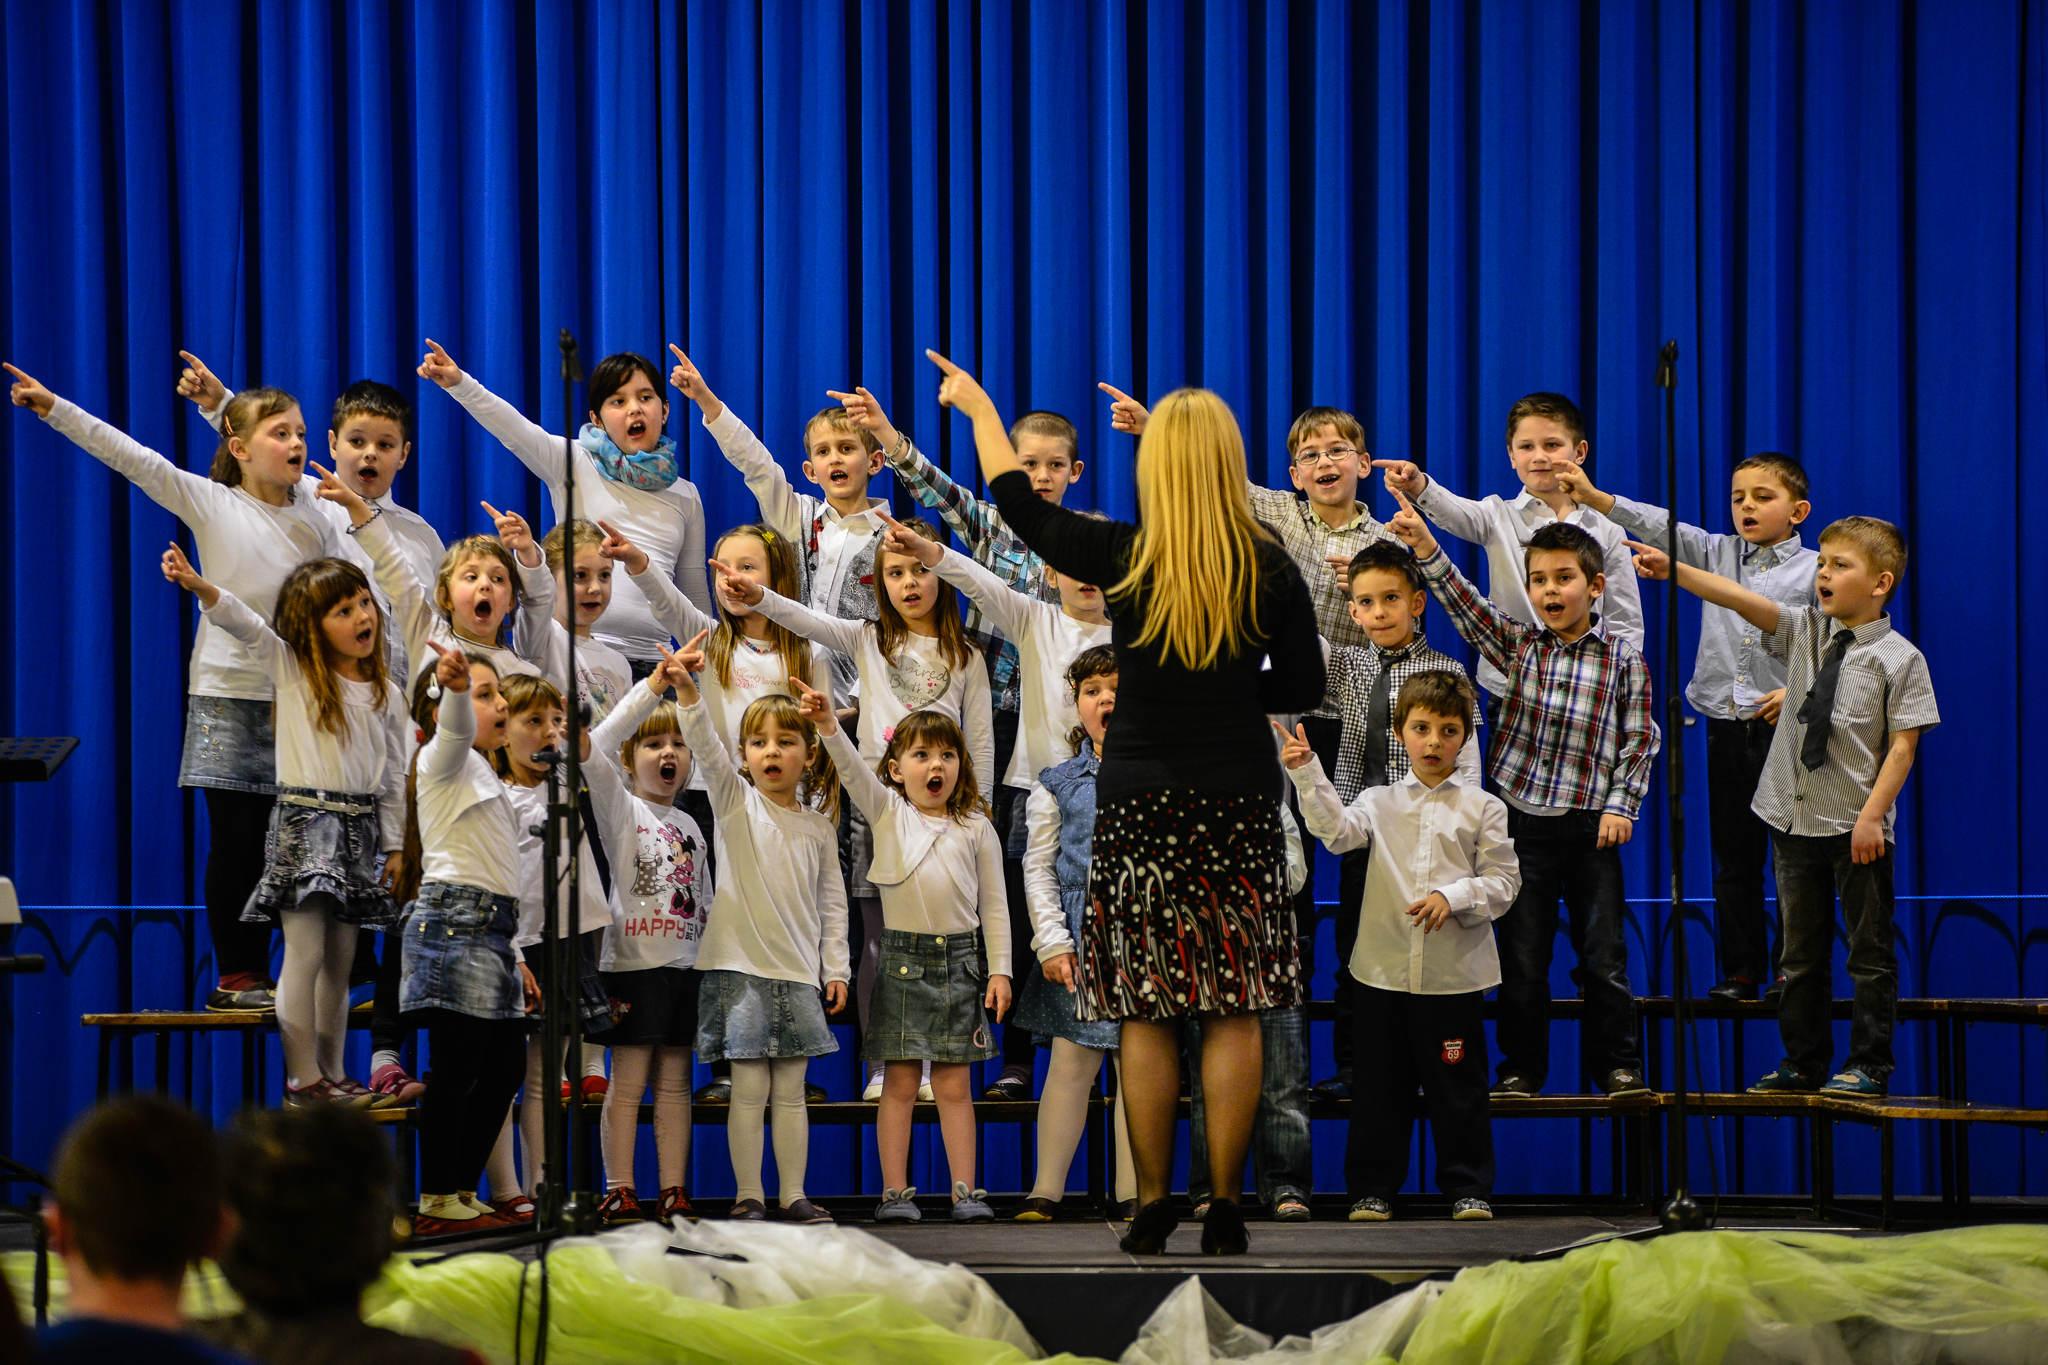 Vzpodbudne pohvale mladim pevcem in gledališčnikom (izjavi strokovnih spremljevalk na prireditvi CICIDO in IGRAJMO SE GLEDALIŠČE)